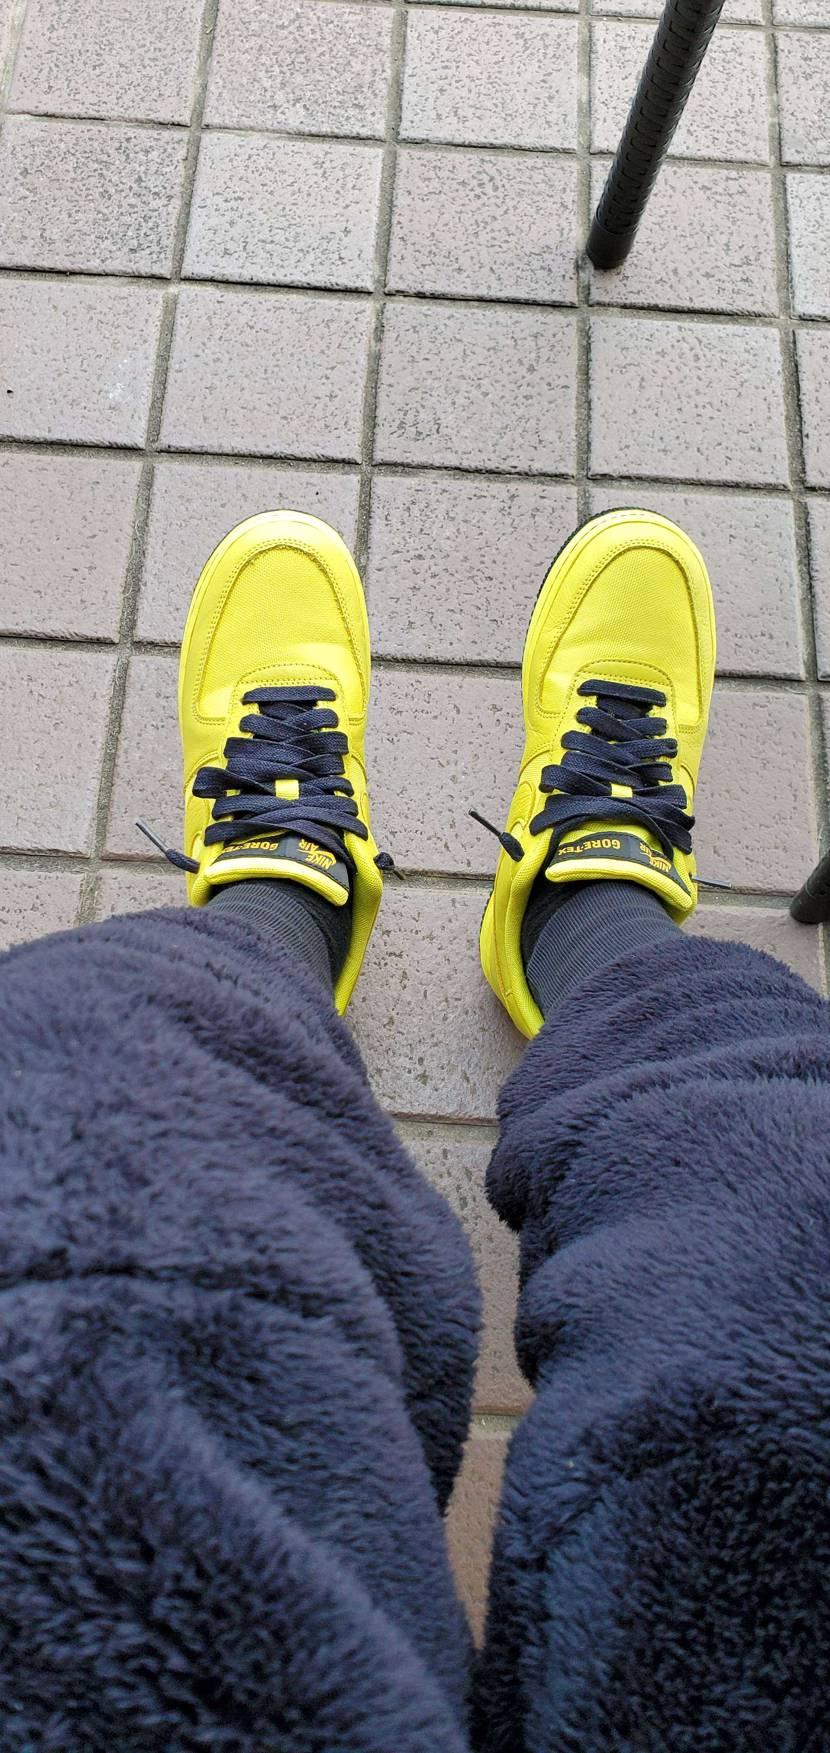 眩しいくらいの黄色だな😃